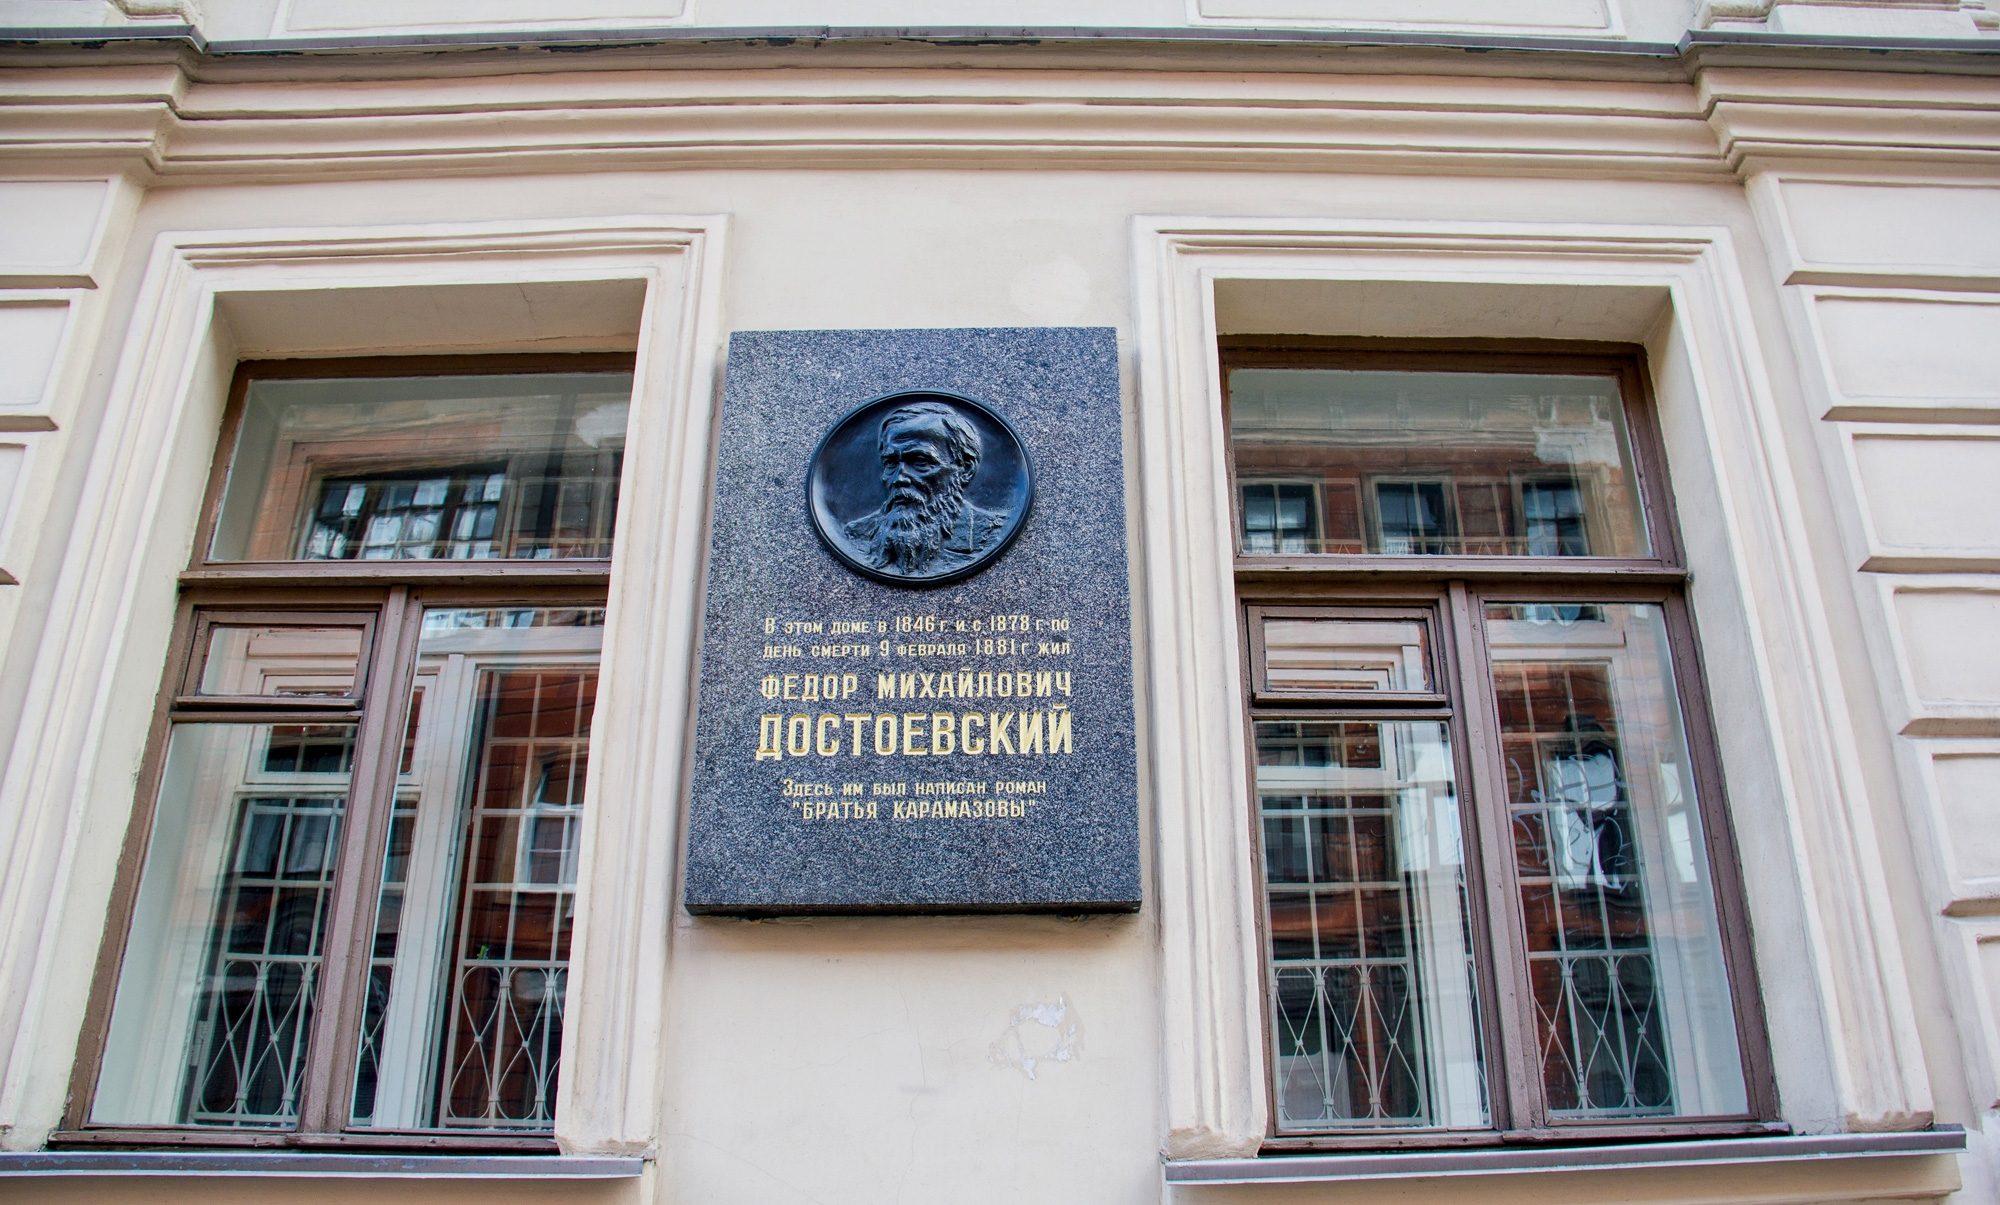 Режим работы и правила посещения музея Достоевского